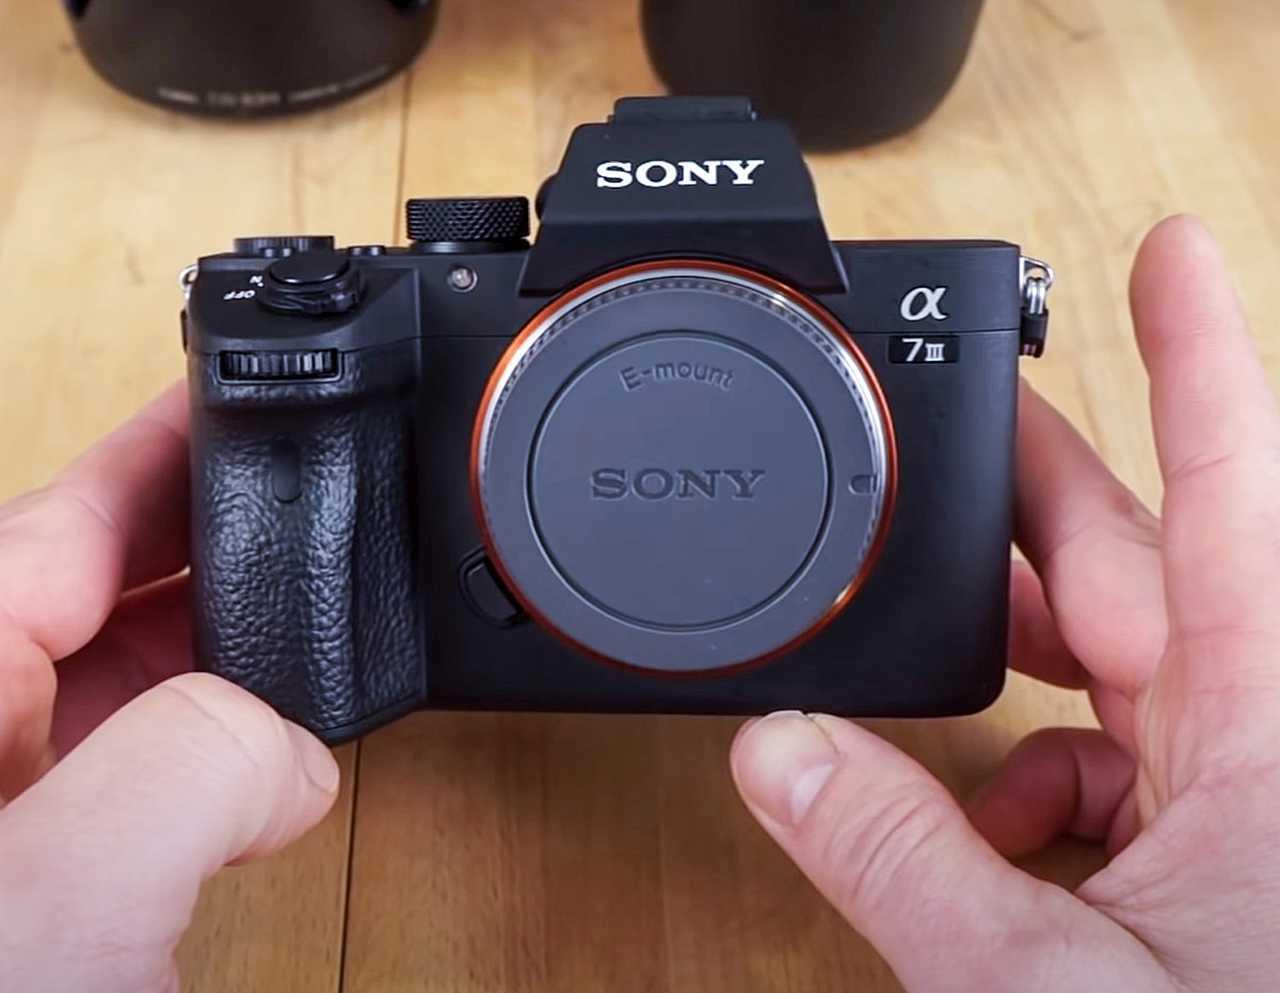 Sony A7 III built